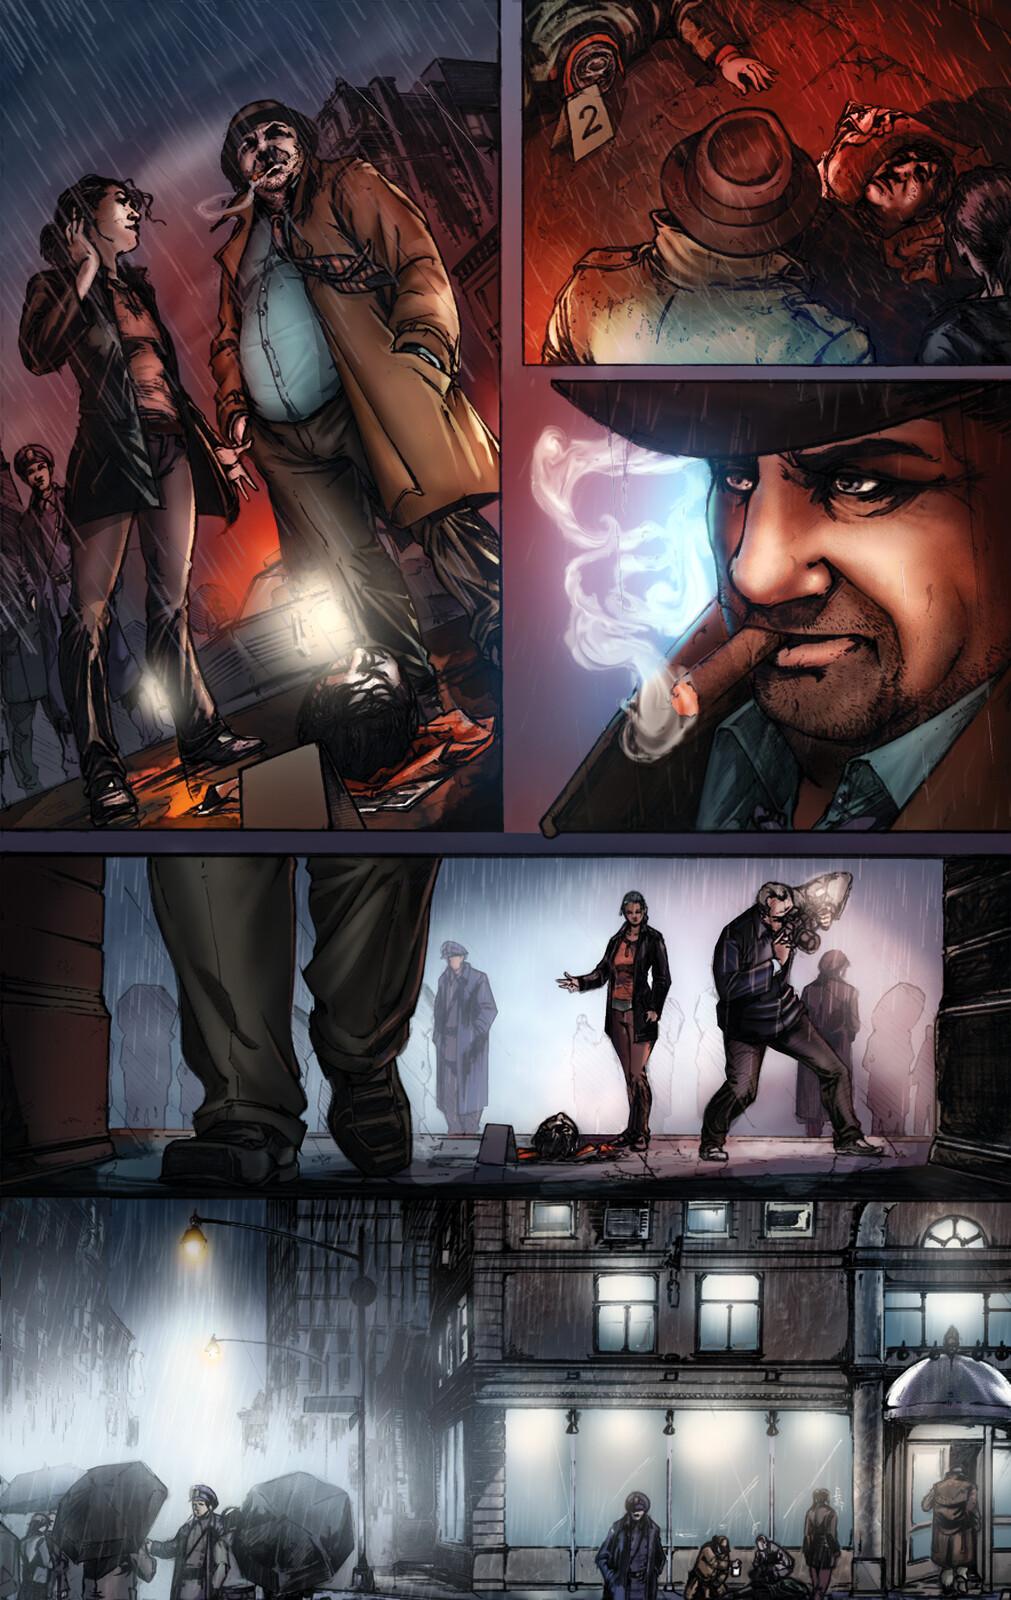 Gotham Gazette pg 2 Colors